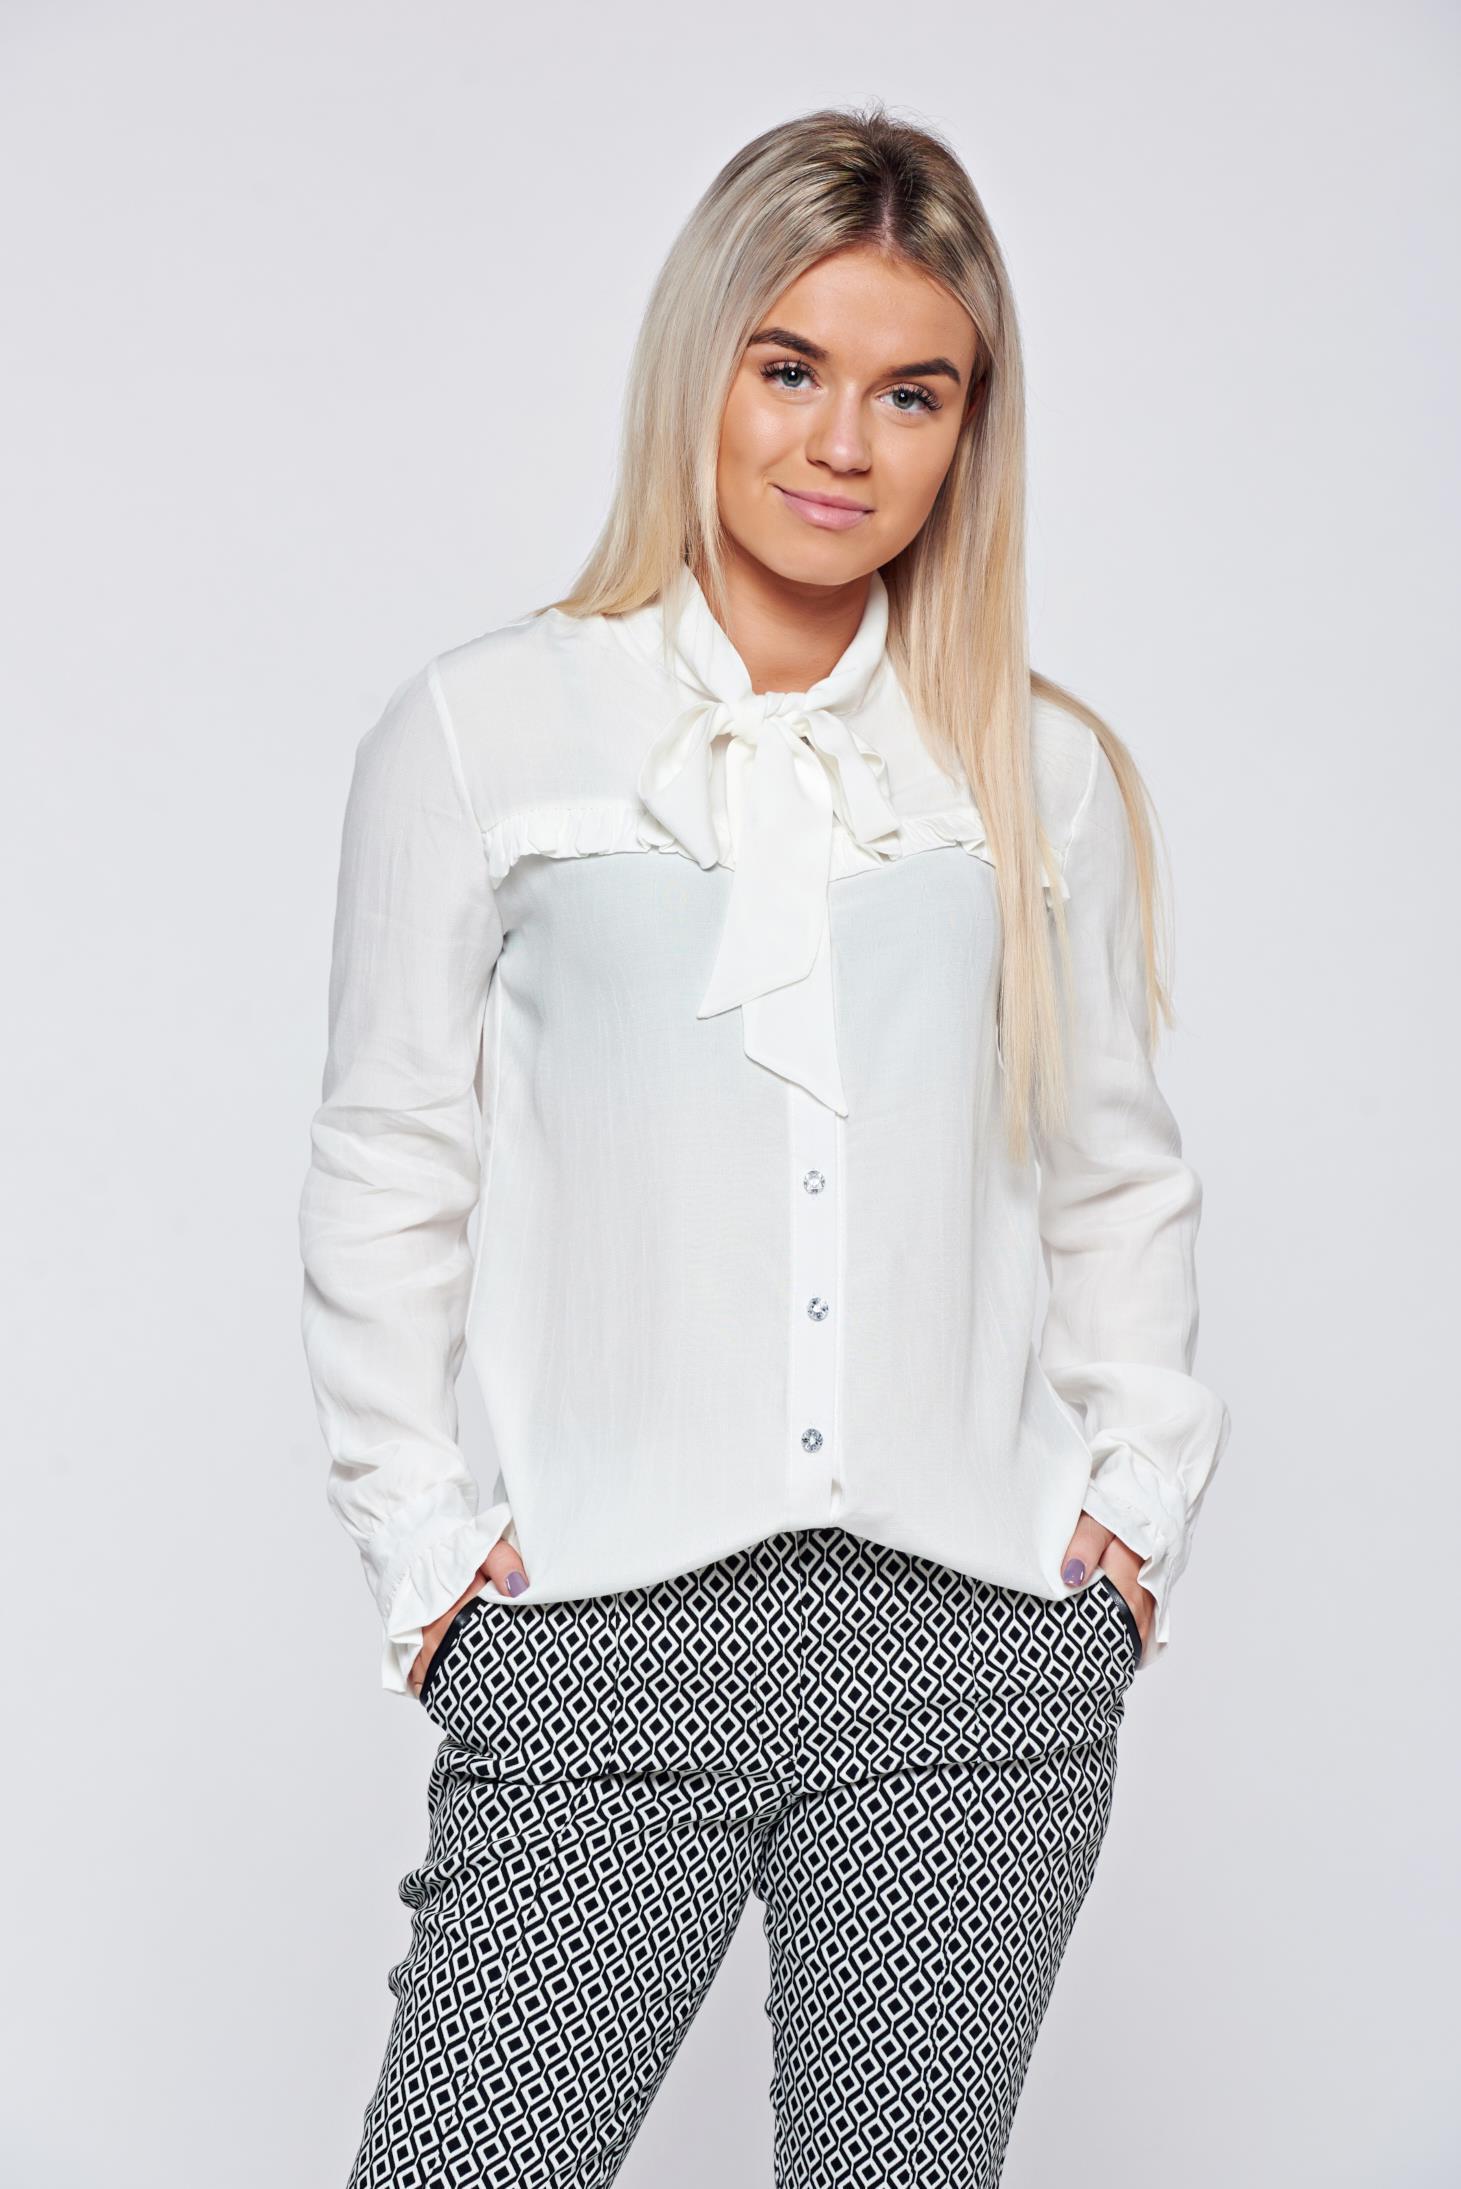 ff49920428 Fehér PrettyGirl elegáns női ing fodrozott ujjakkal